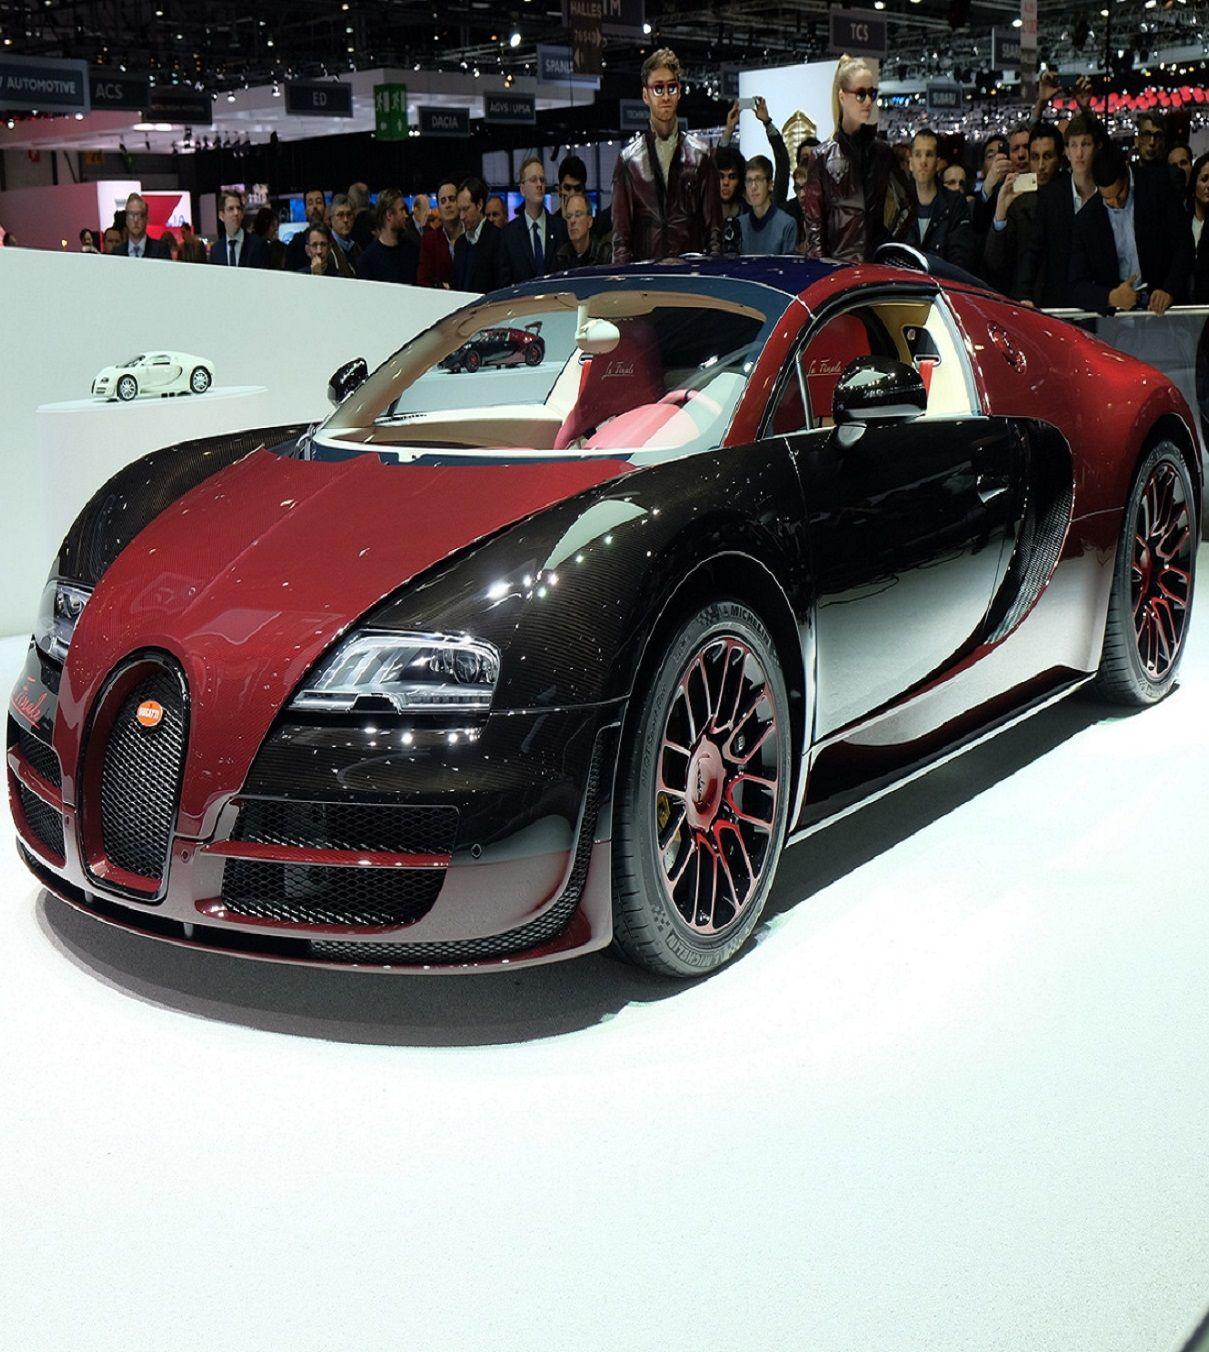 Bugatti Veyron 16 4 Grand Sport Vitesse: Bugatti 16/4 Veyron Grand Sport Vitesse 'La Finale